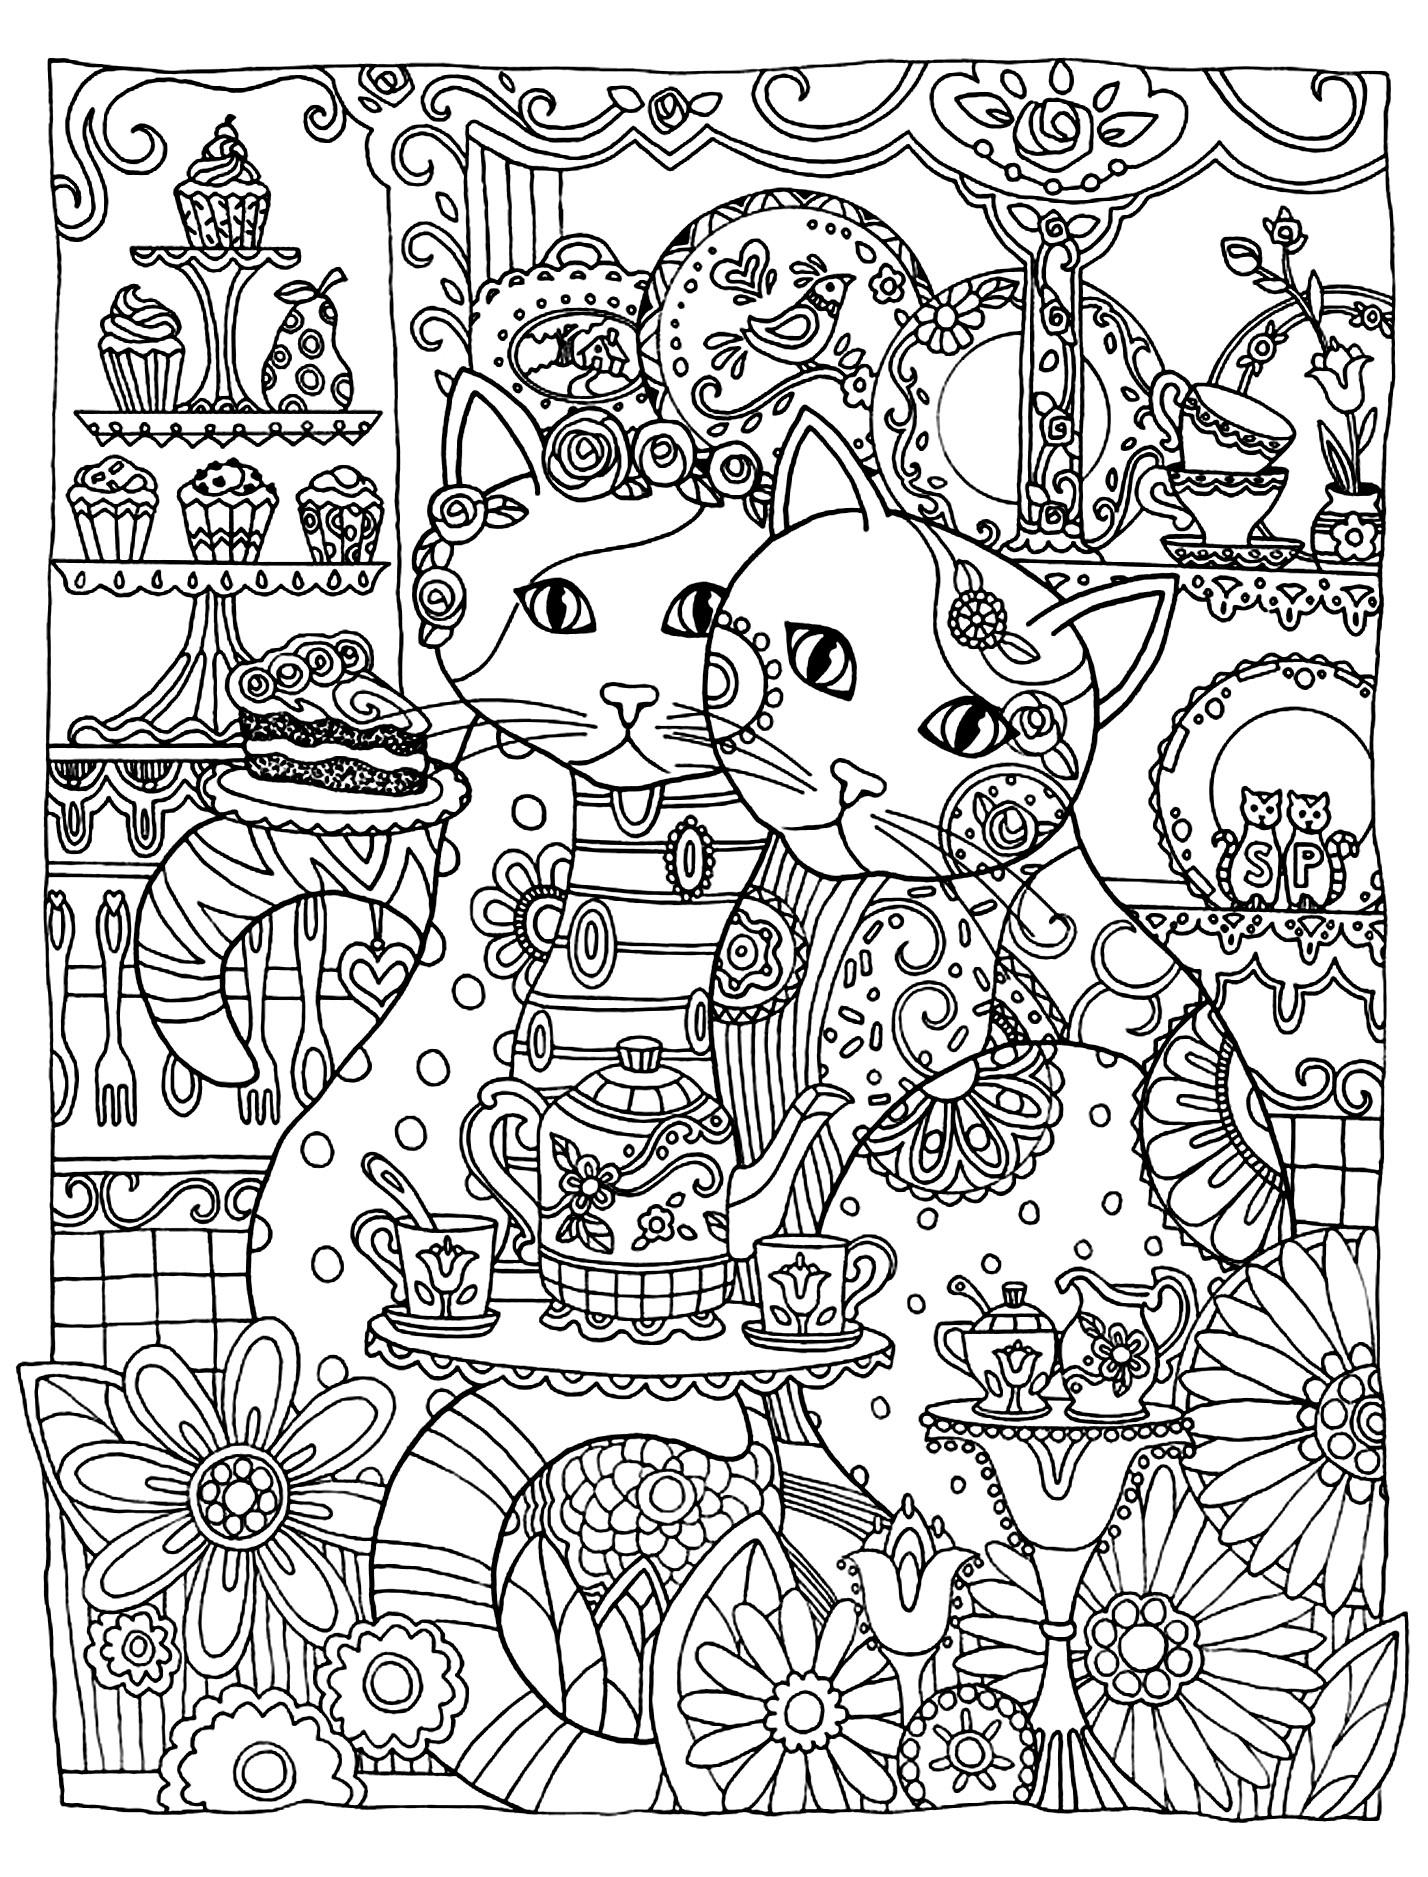 Colorear para adultos  : Gatos - 6